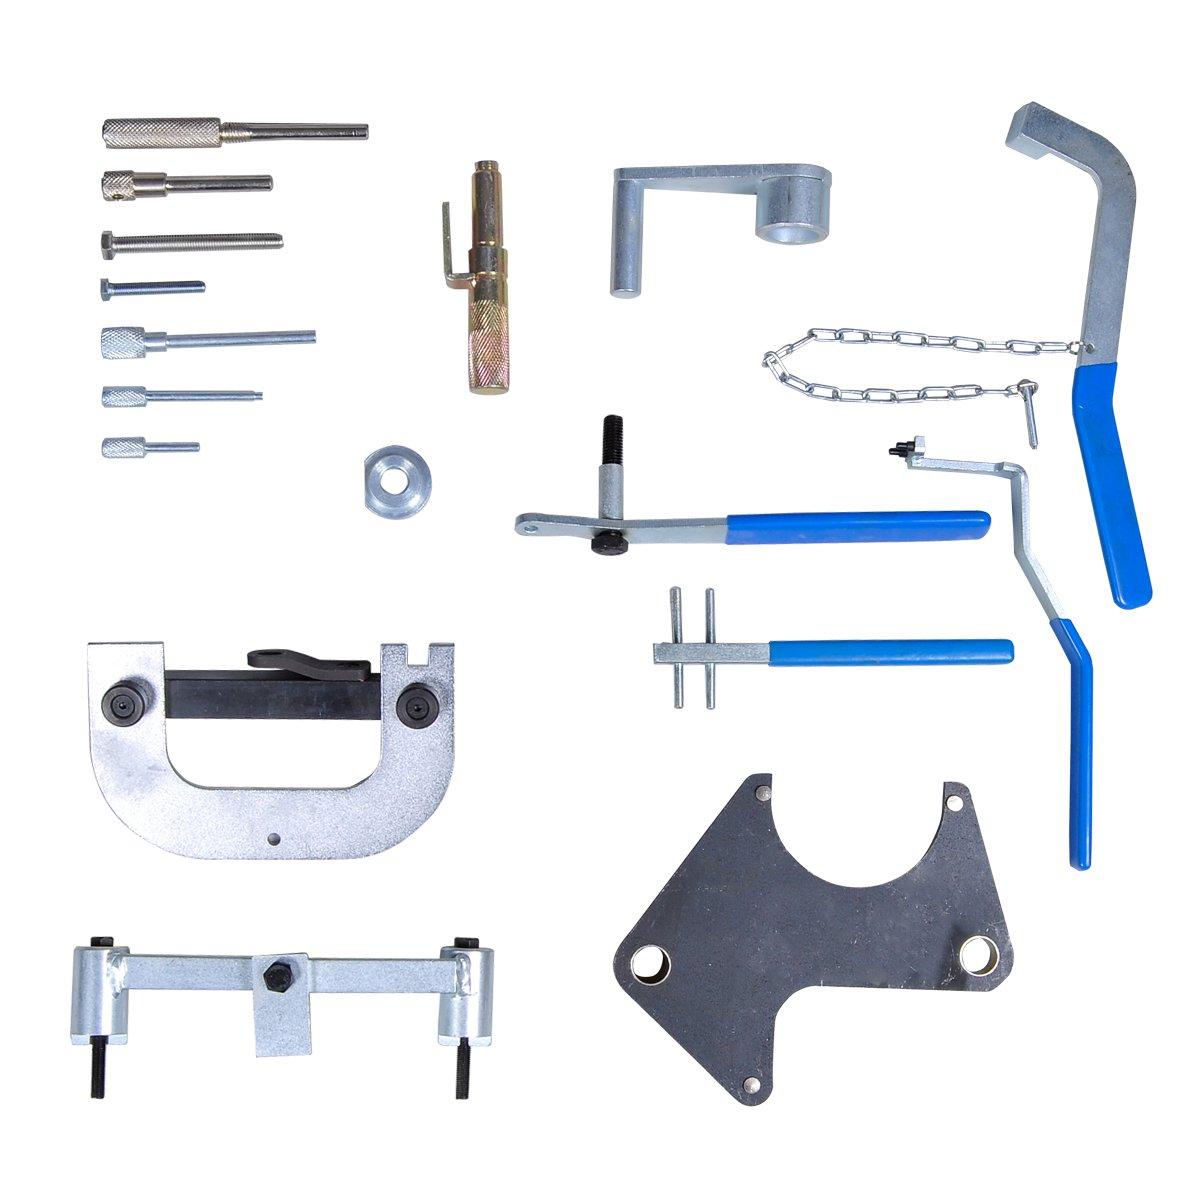 Set de herramienta de distribución del motor - RENAULT: Amazon.es: Bricolaje y herramientas